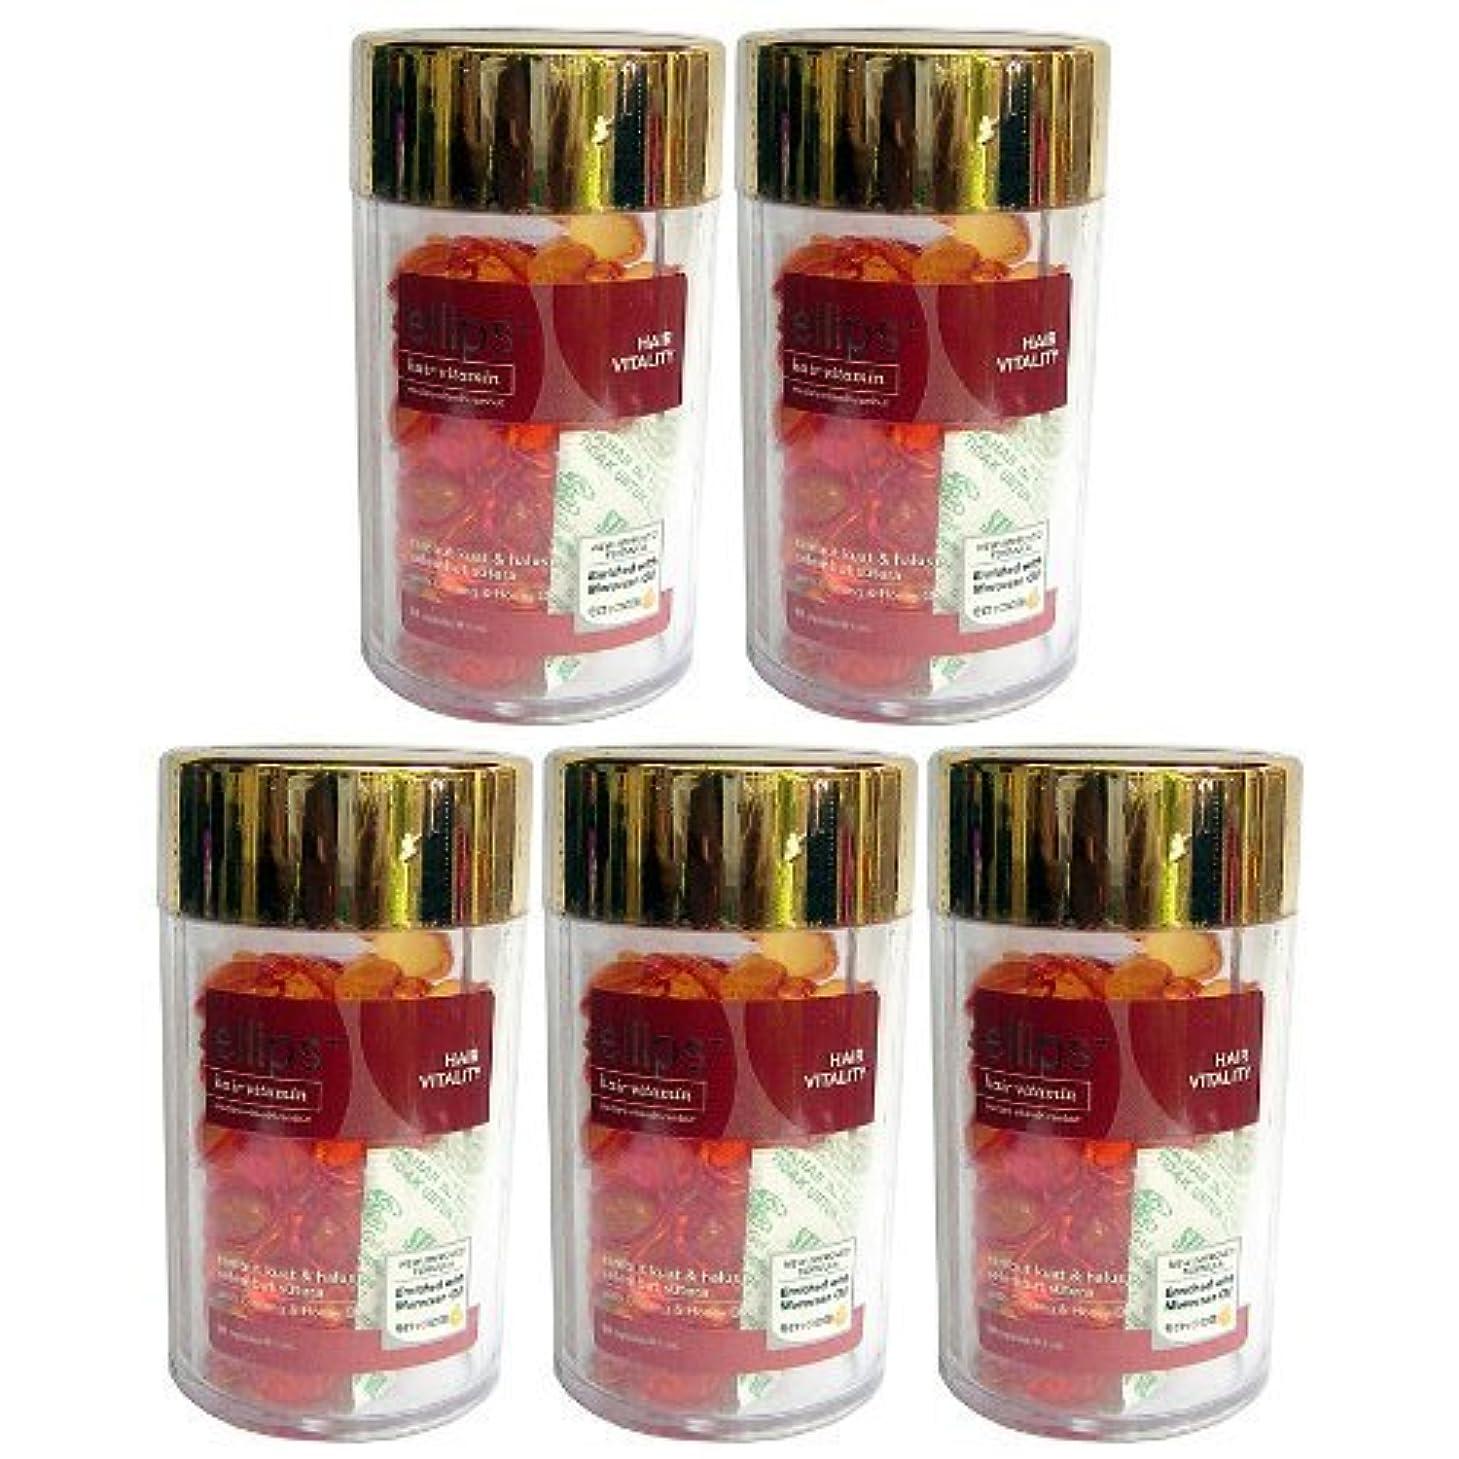 抑圧する優雅な絡まるEllips(エリプス)ヘアビタミン(50粒入)5個セット [並行輸入品][海外直送品] ブラウン